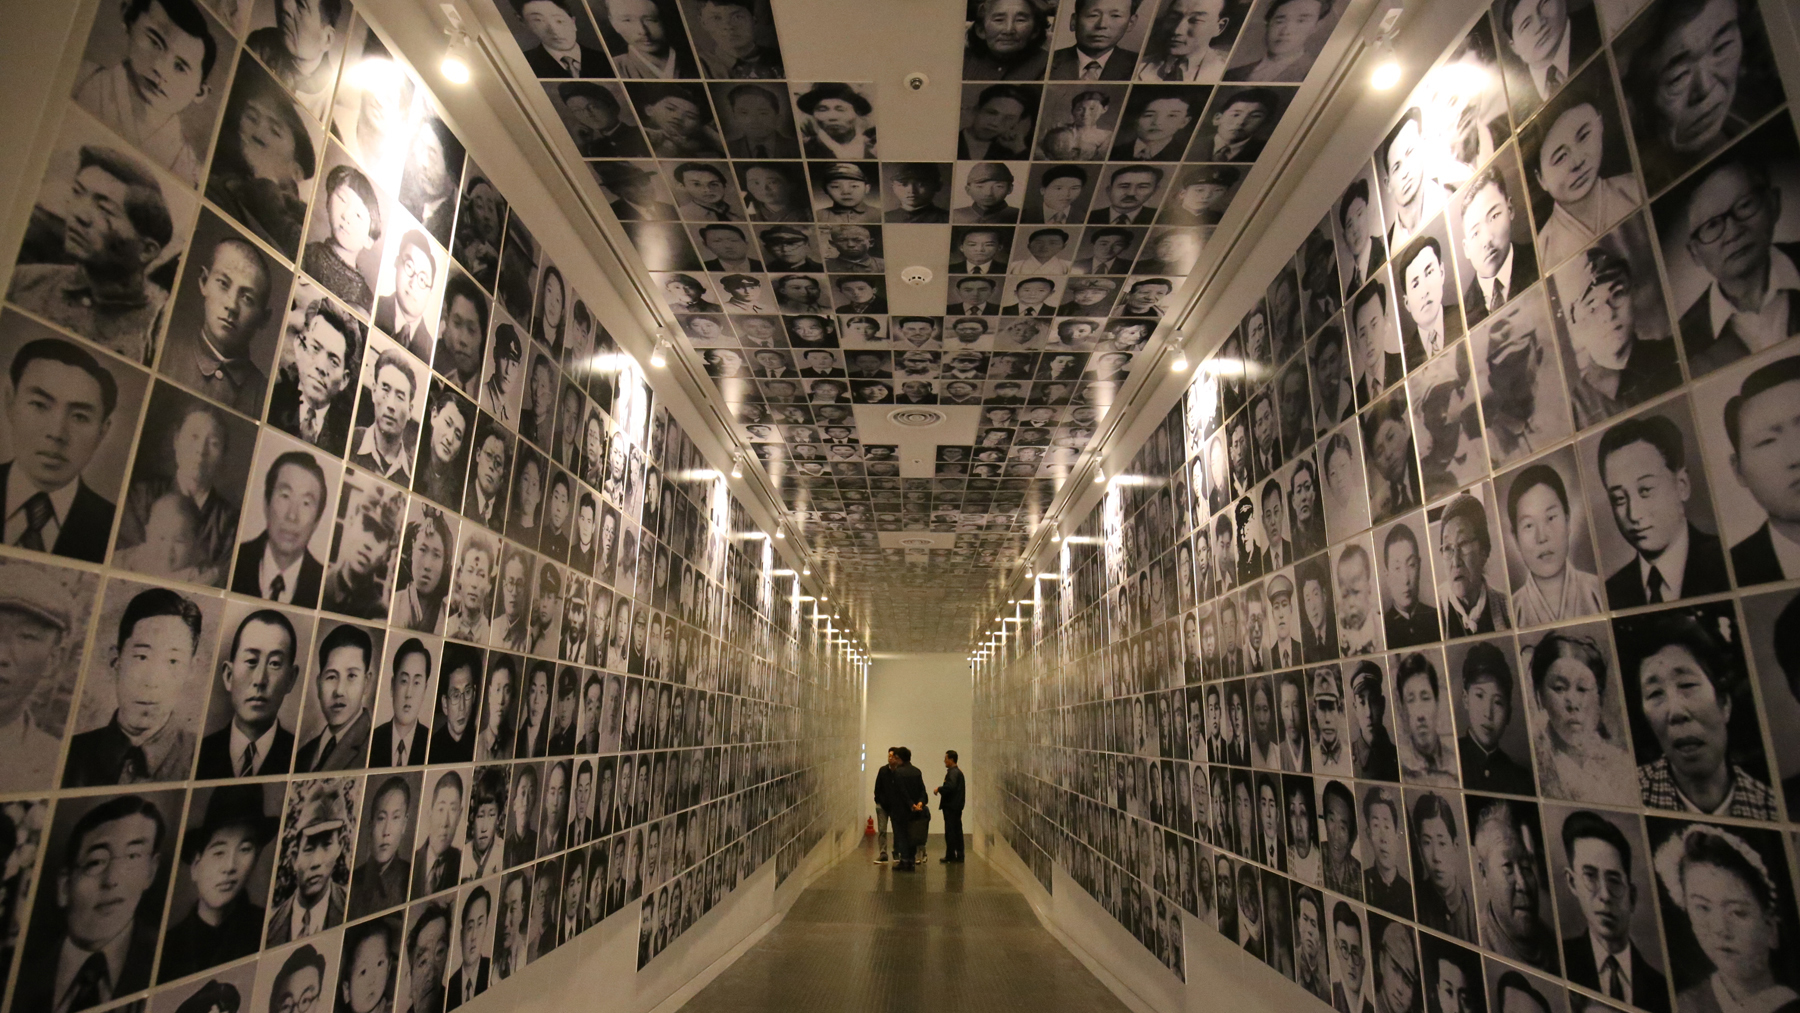 제주4ㆍ3평화기념관을 찾은 추모객들이 4ㆍ3 당시 숨진 희생자들의 영정을 바라보고 있다. 제주 프리랜서 장정필